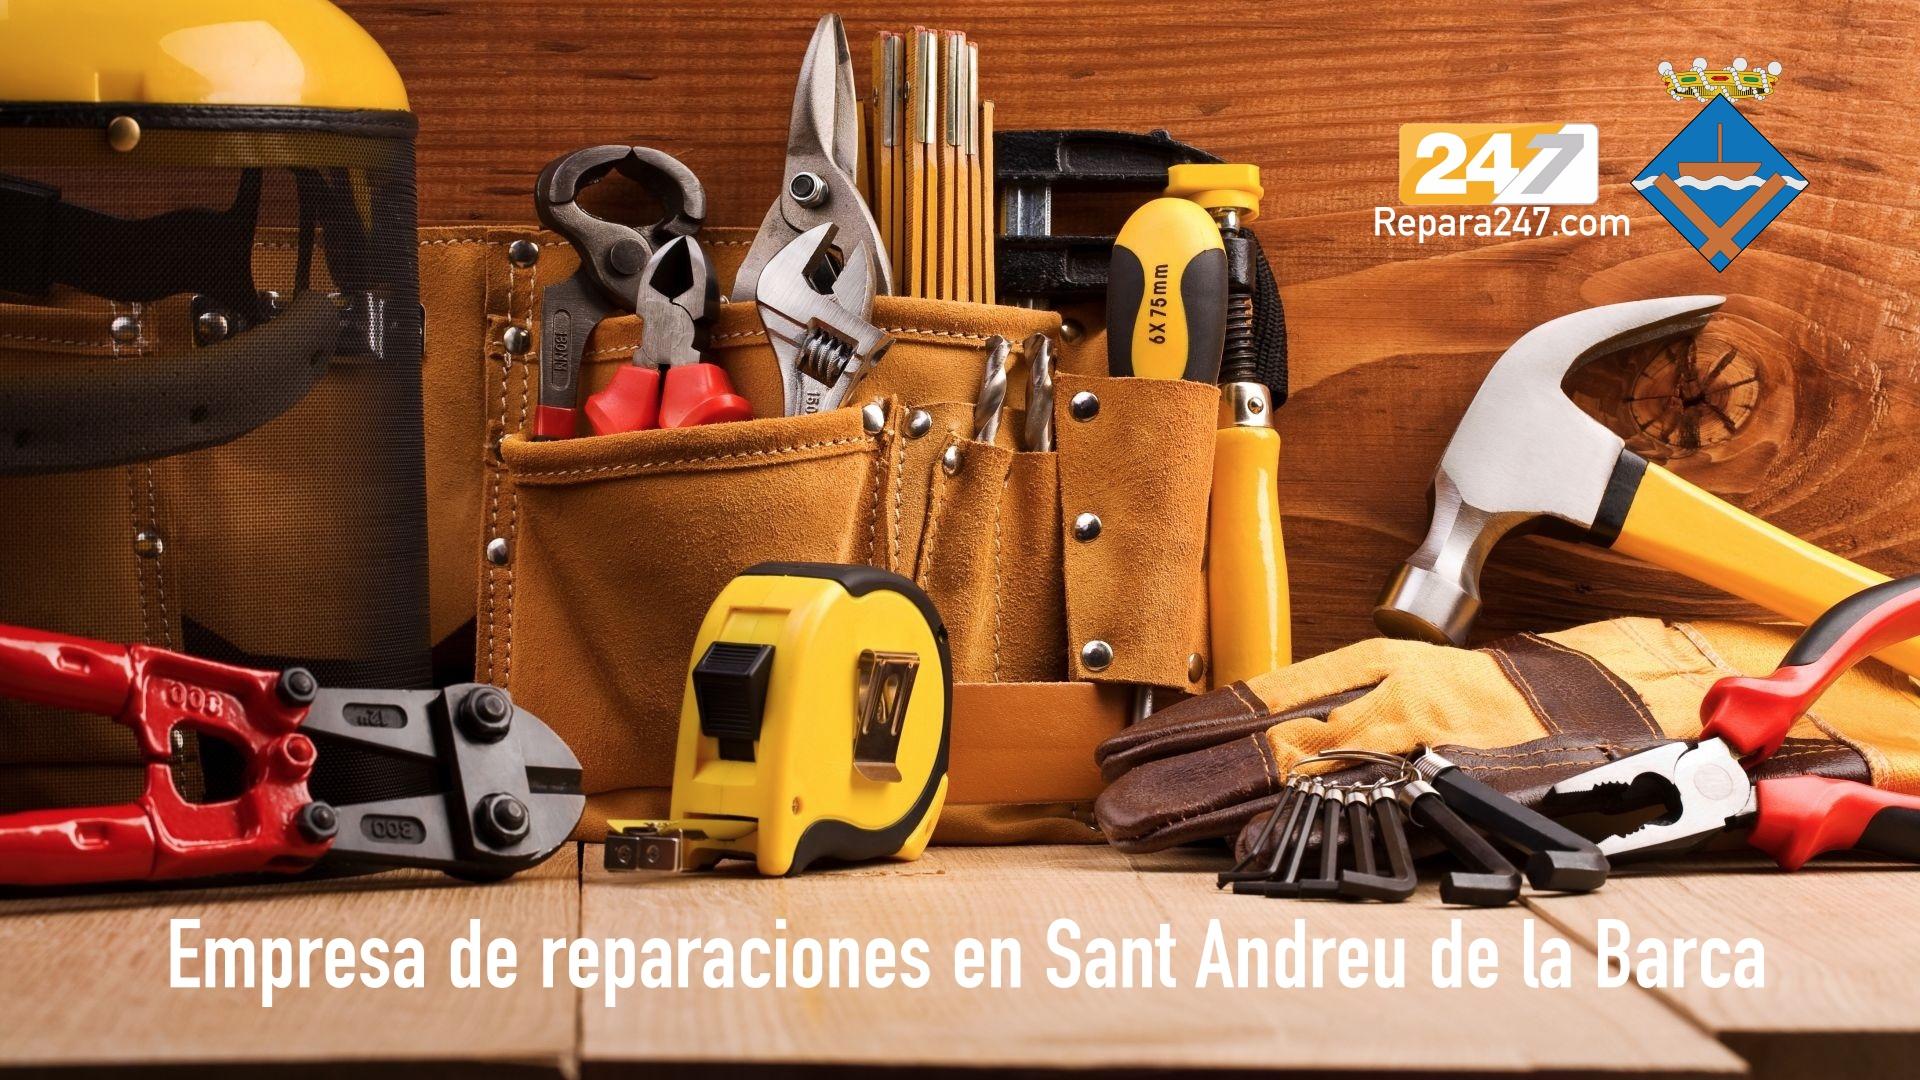 Empresa de reparaciones en Sant Andreu de la Barca